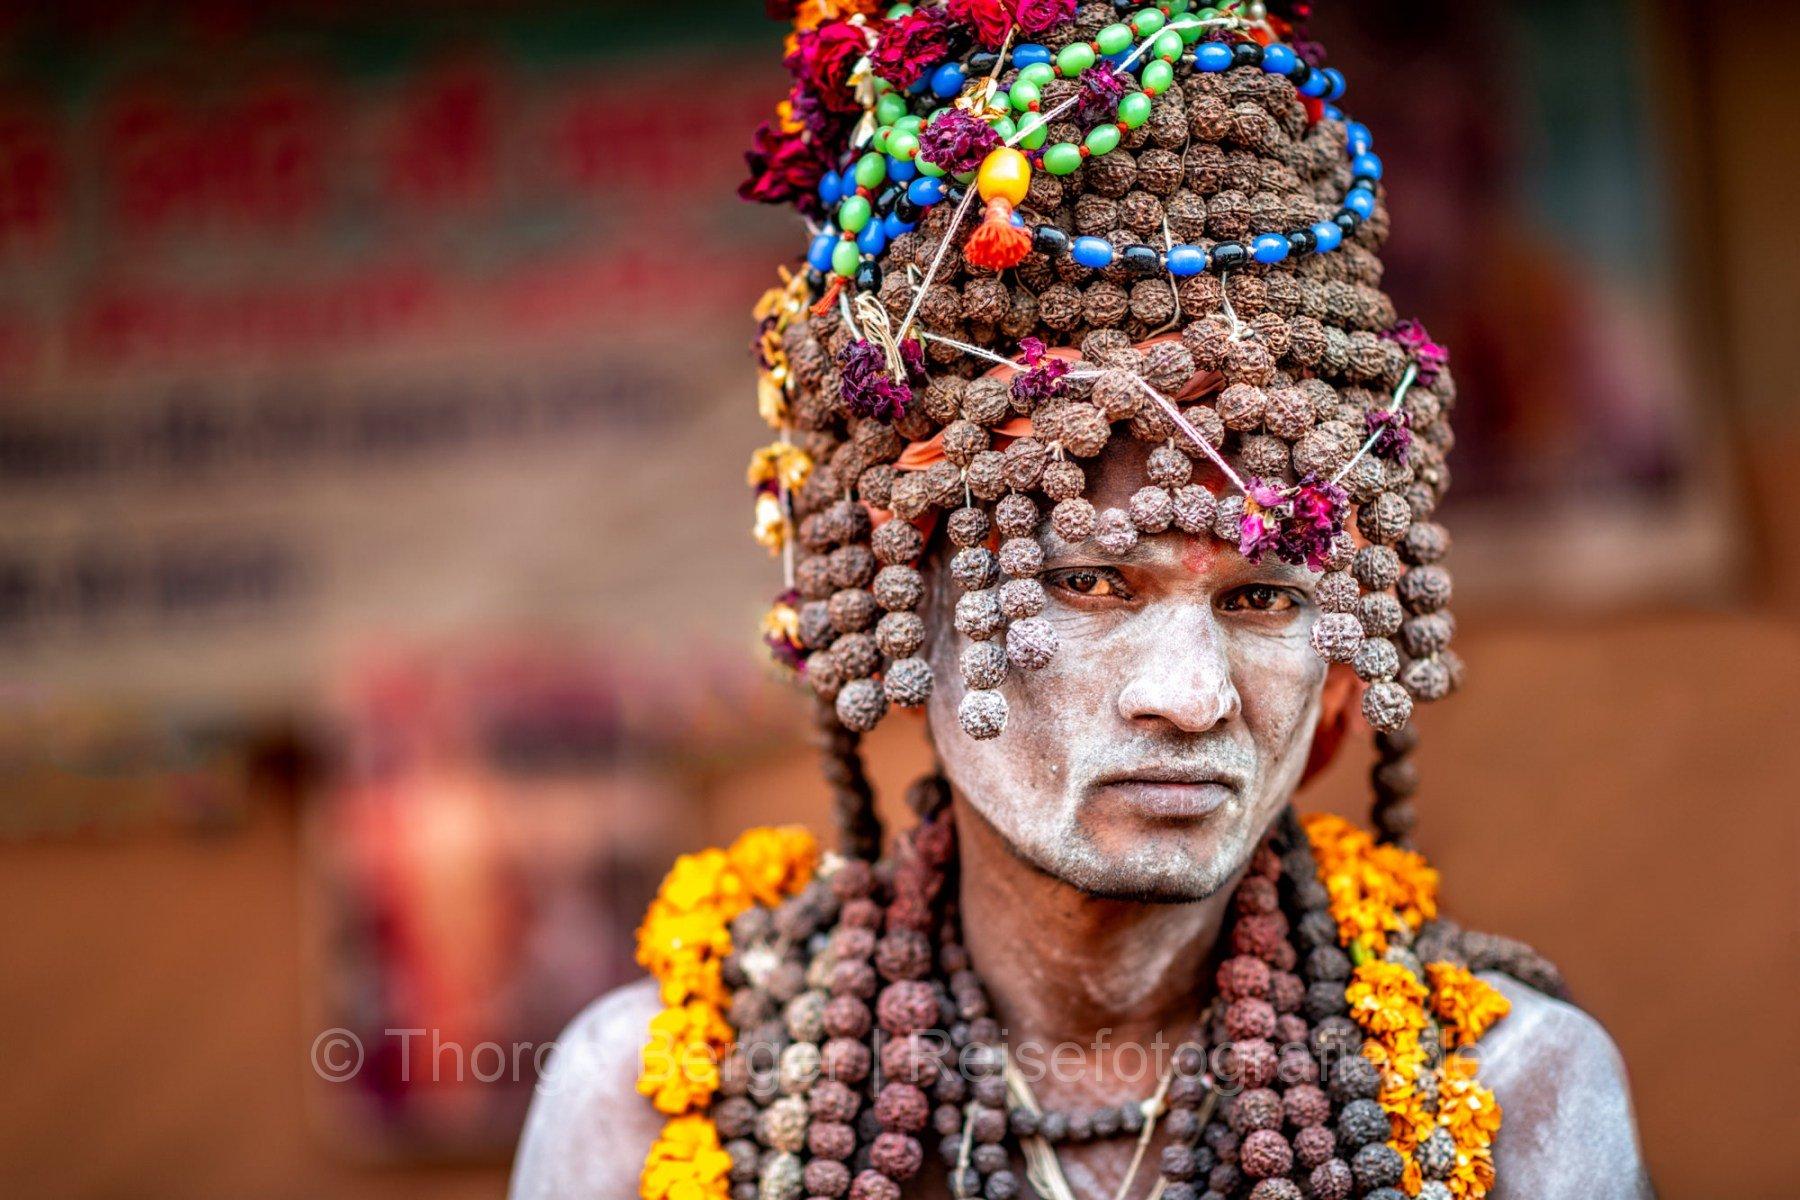 Sadhu at the Kumbh Mela